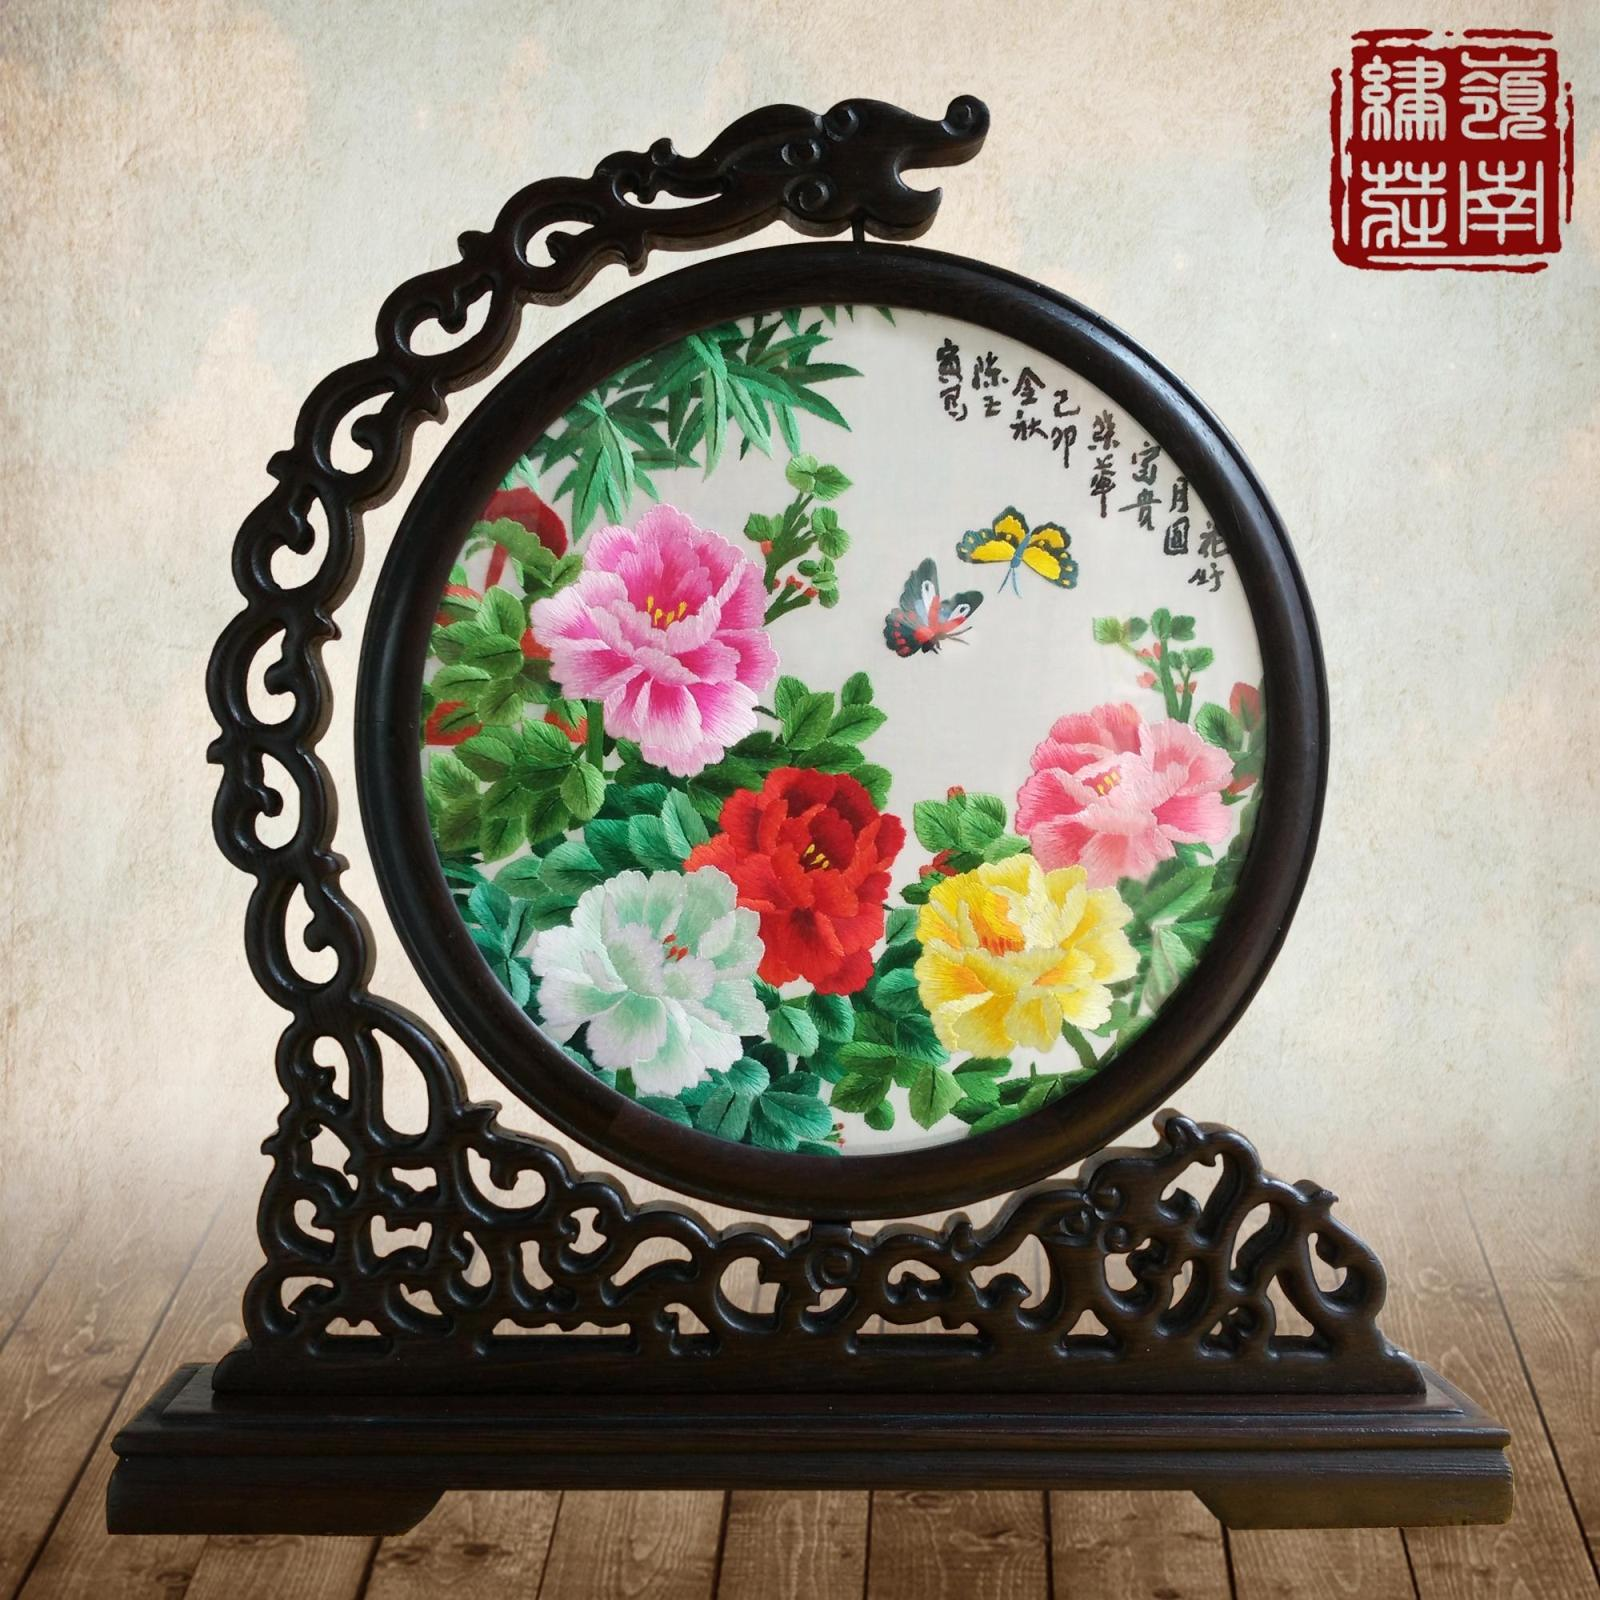 Широкий вышивать провинция гуандун вышивать волна вышивать праздник середины осени подарок исключительно вручную вышивка дары выйти замуж вводить партнер дары старый иностранных дисциплина